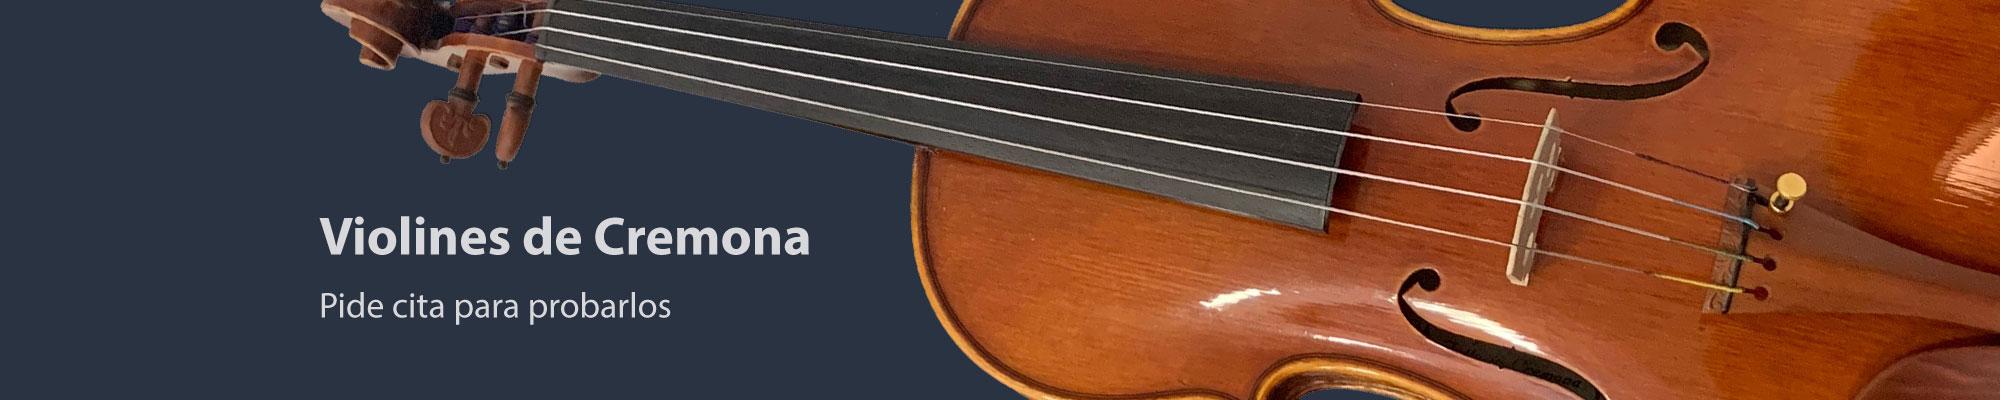 Violines de Cremona